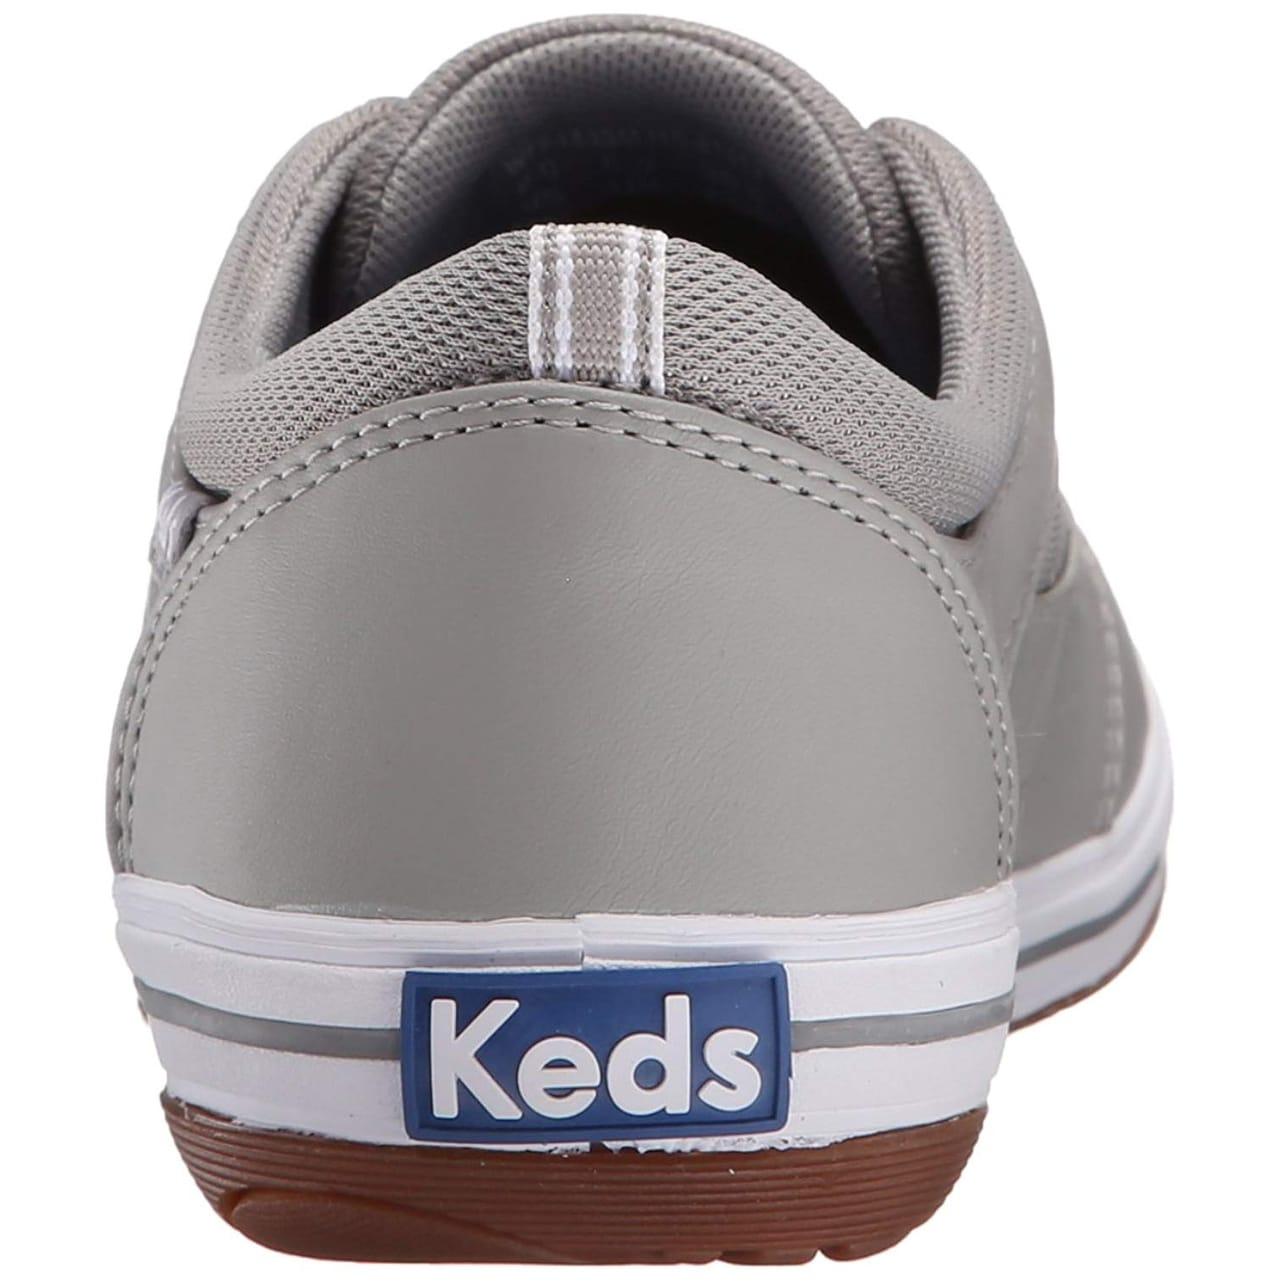 Keds Women's Prestige Fashion Sneaker